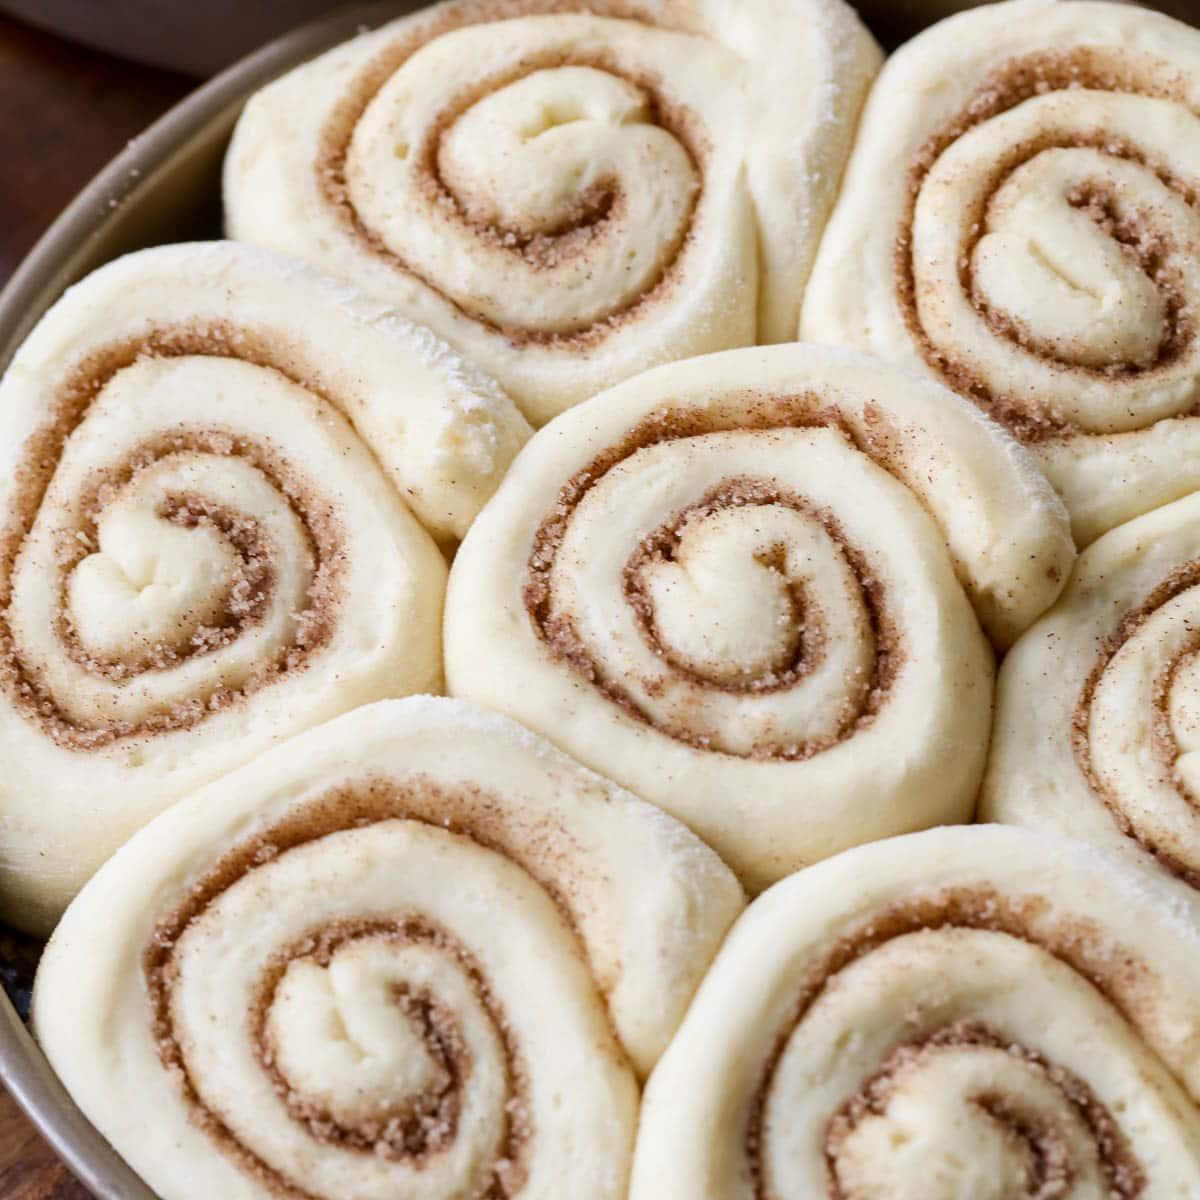 sticky walnut buns rising in a baking dish